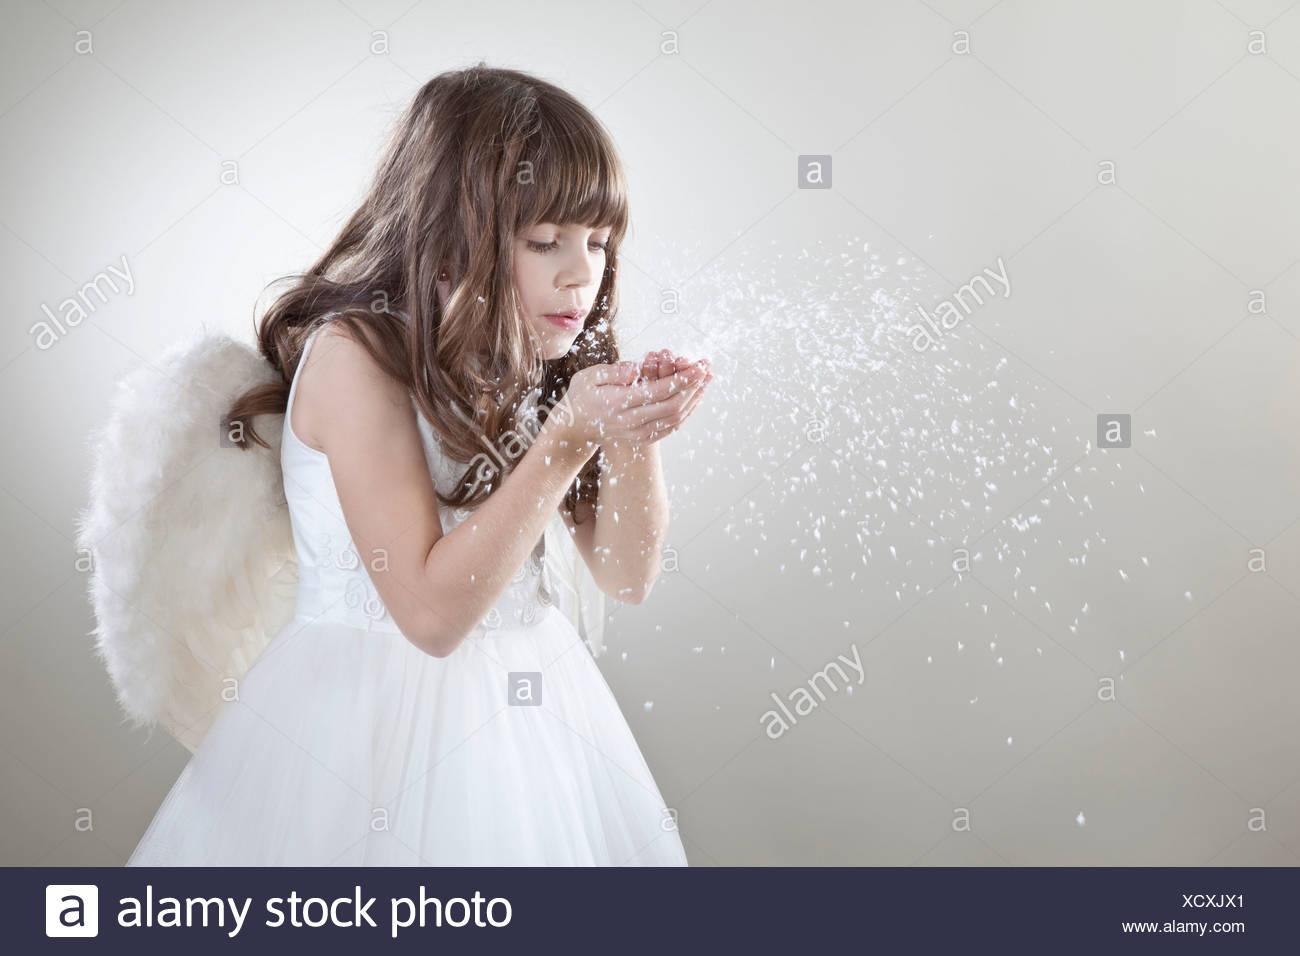 Mädchen (10-11 Jahre) weht Glitzer Stockbild